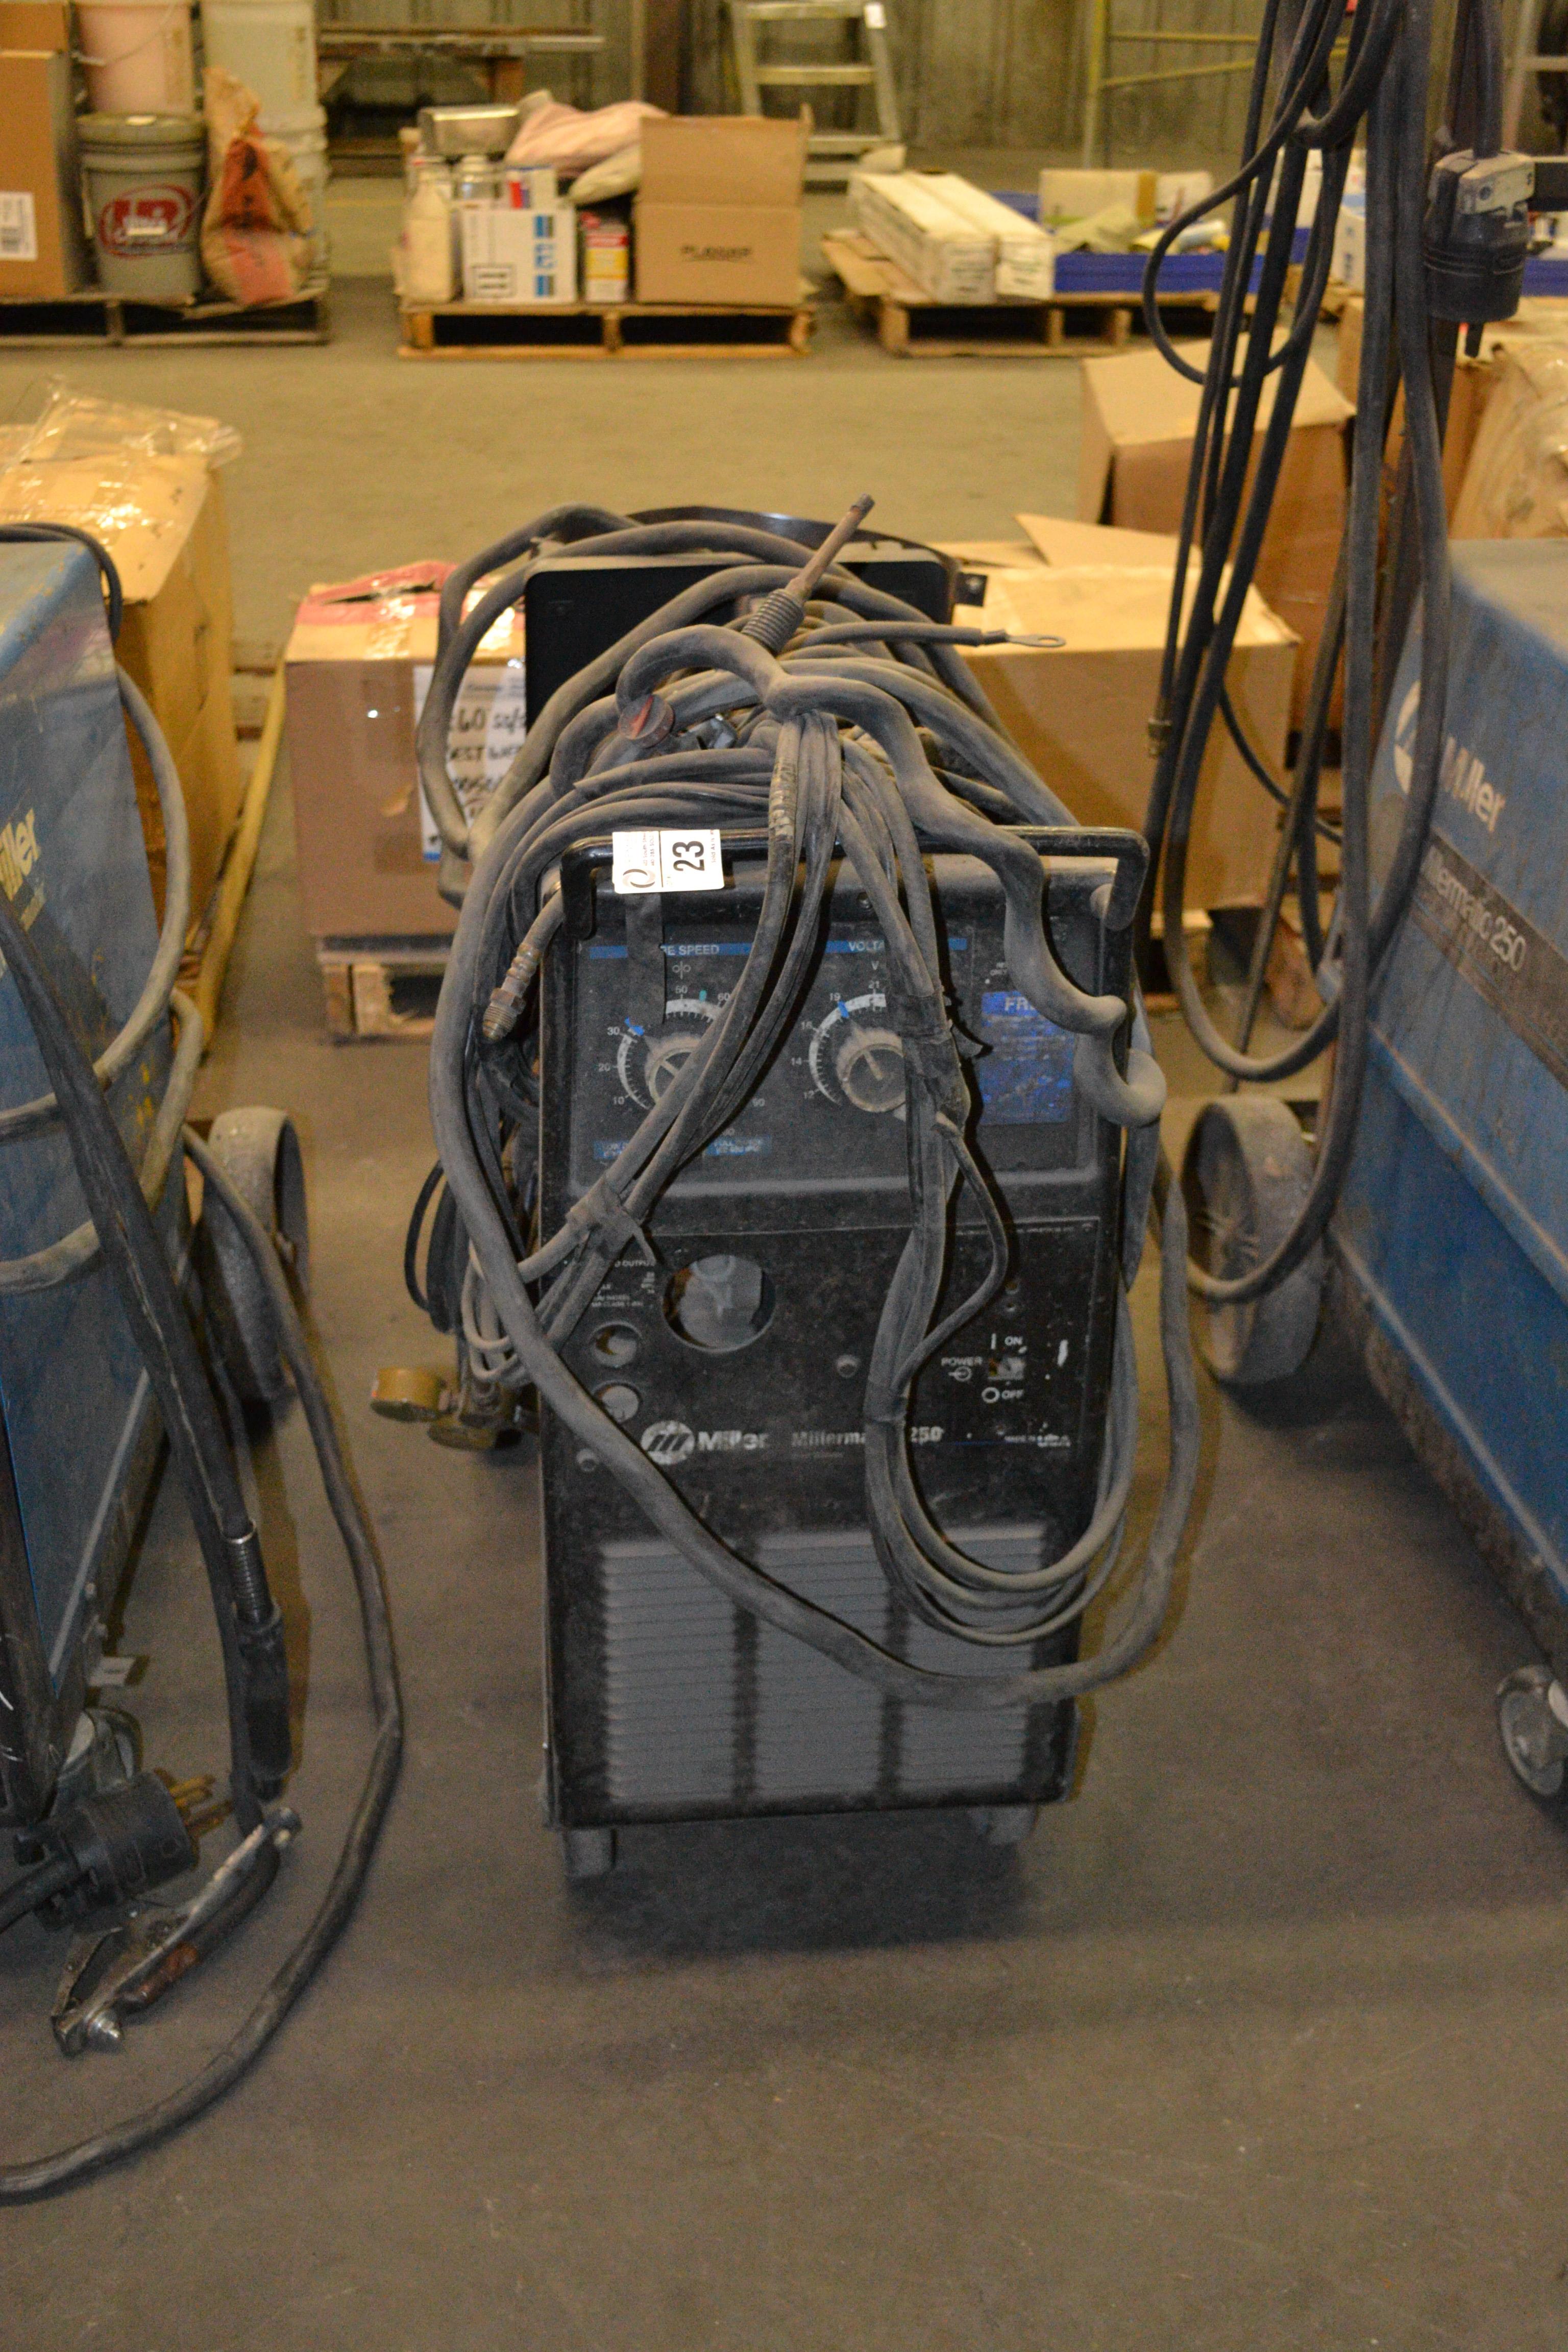 Lot 23 - Millermatic 250 welder (parts)